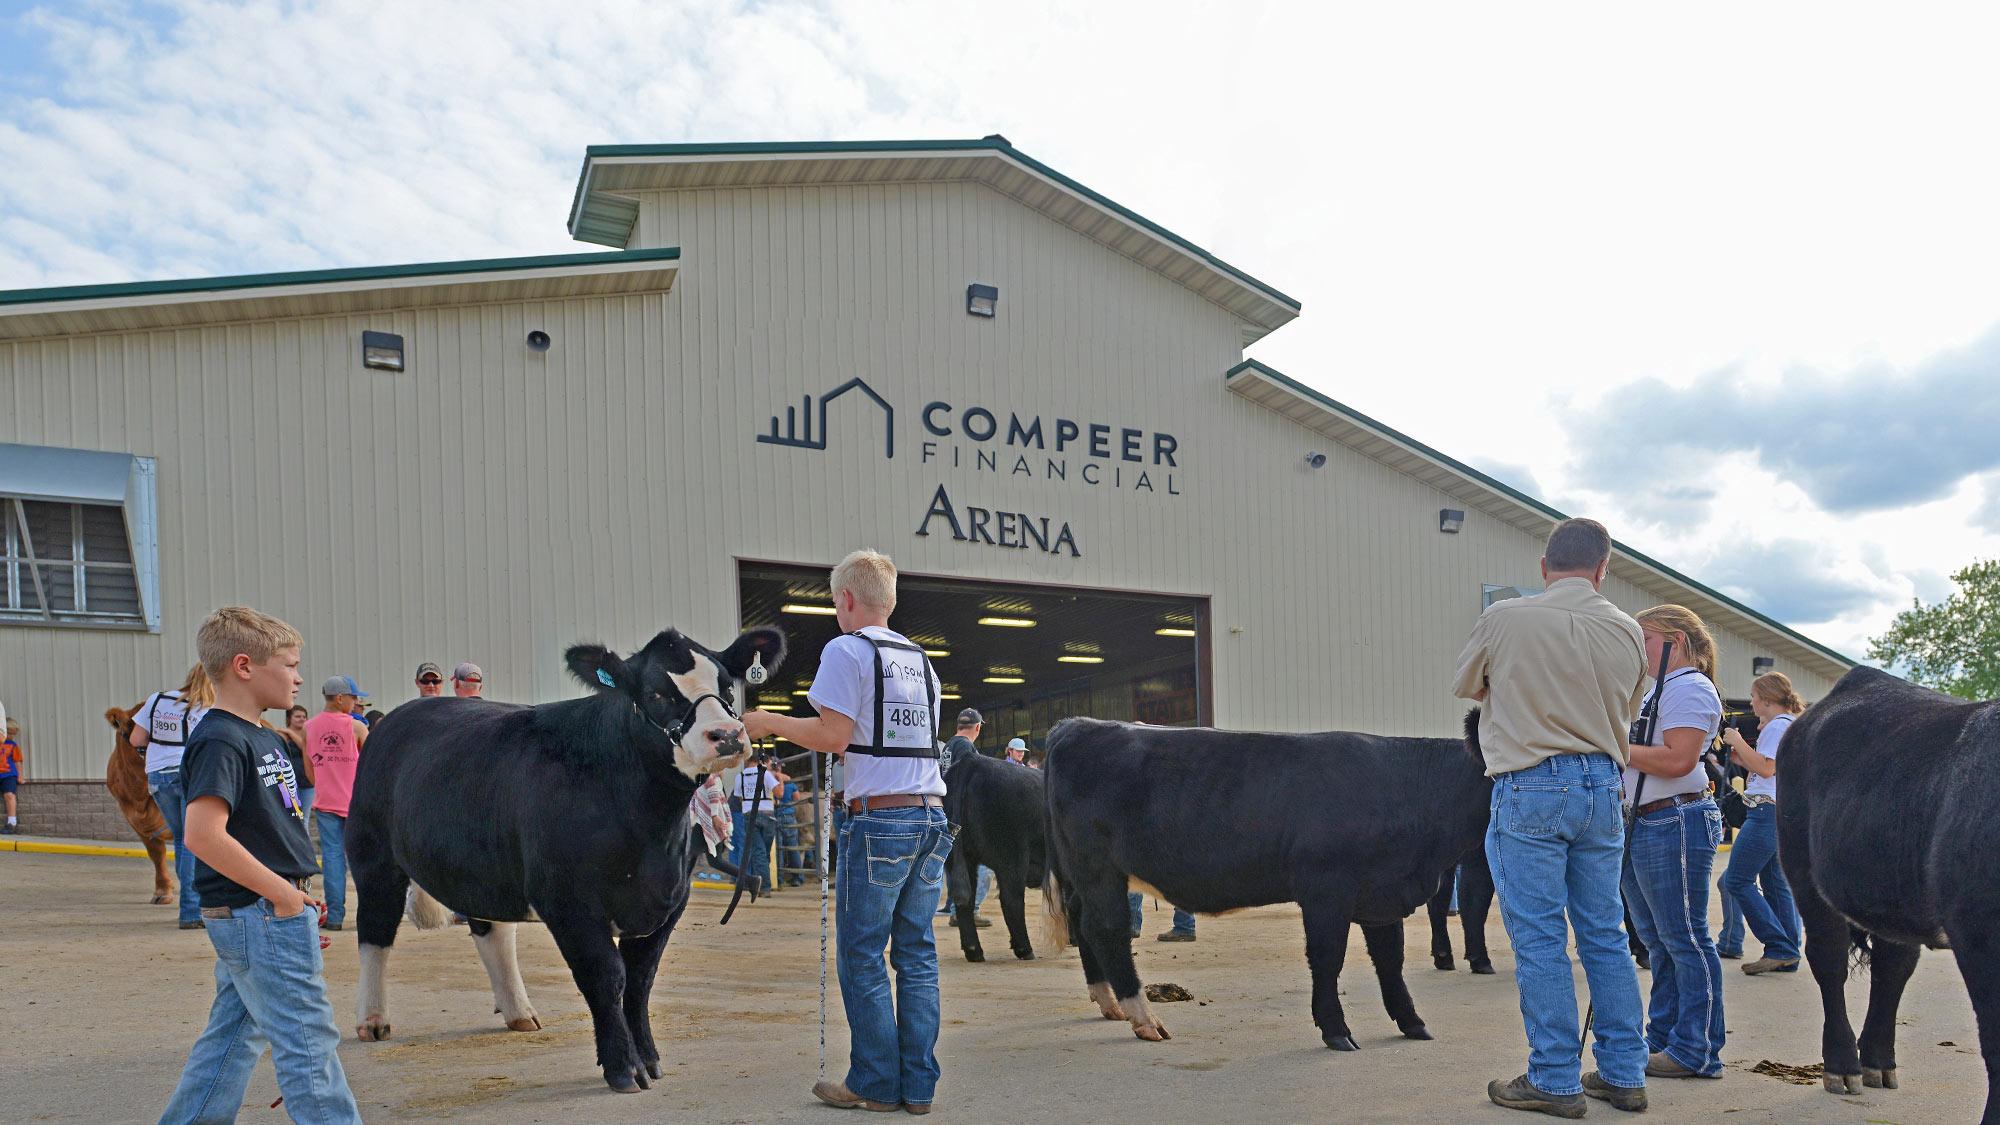 Compeer Arena